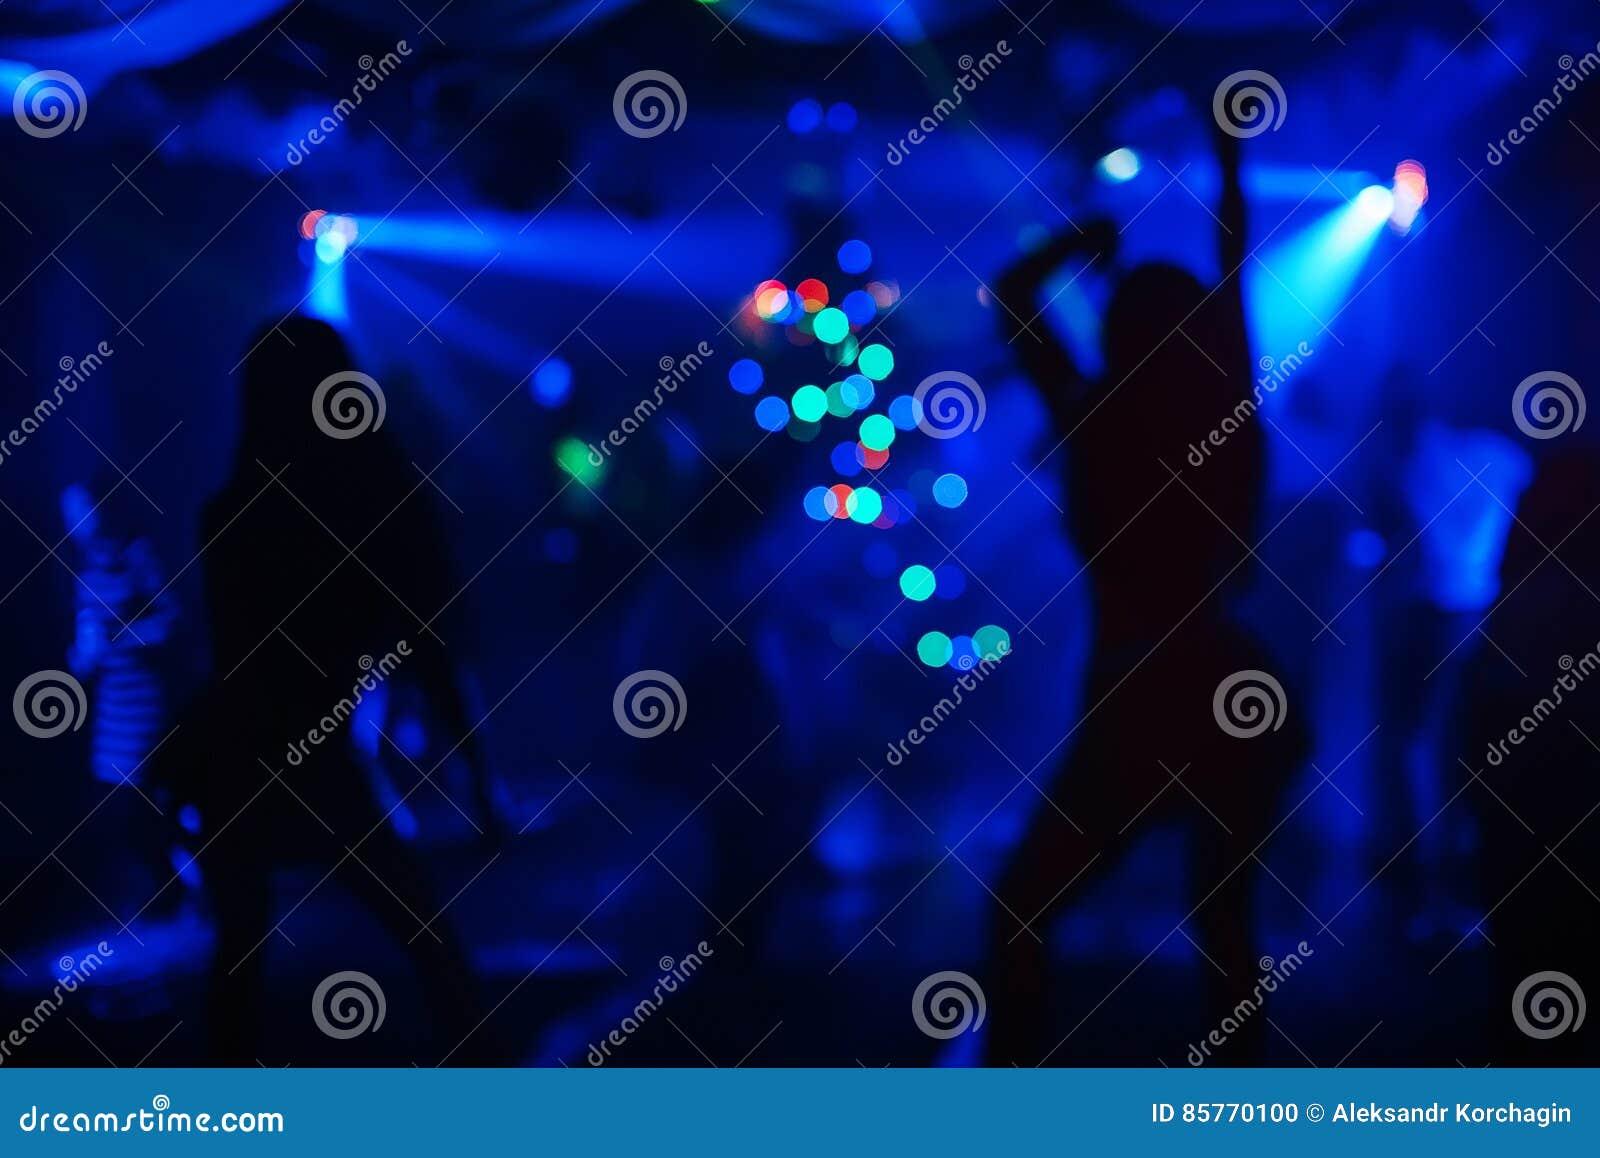 Девушки в ночном клубе фото танцуют спортивный клуб в москве бесплатно